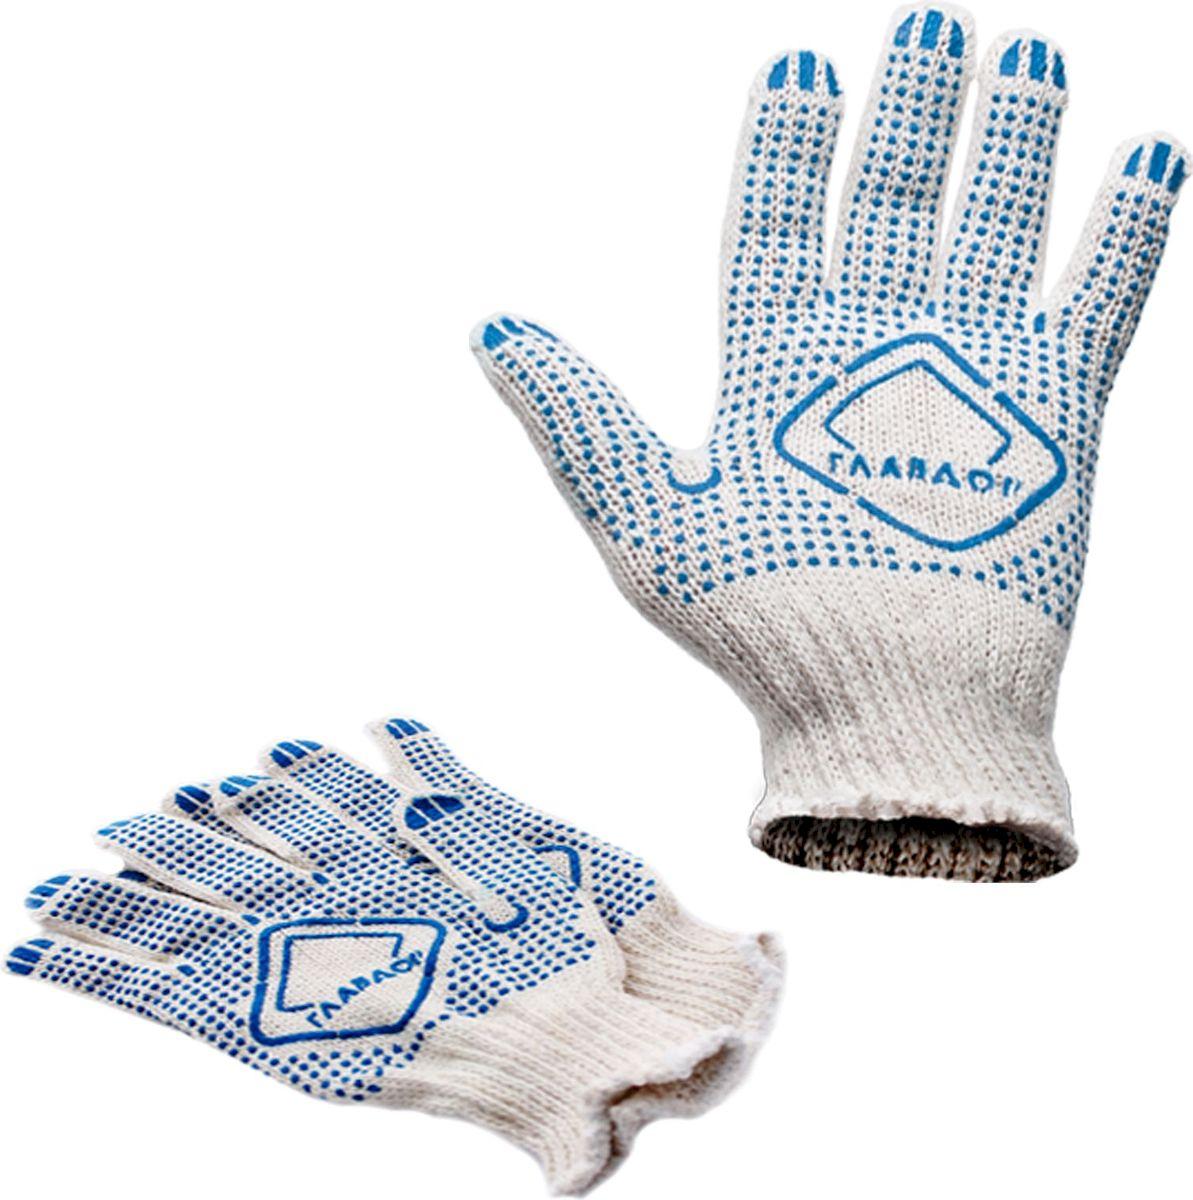 Перчатки защитные Главдор, цвет: белый. GL-106GL-106Классические защитные перчатки Главдор выполнены из хлопка в 4 нити с точками с ПВХ. Прекрасно подходят для проведения ремонтных и прочих работ, а также для защиты рук от загрязнений.